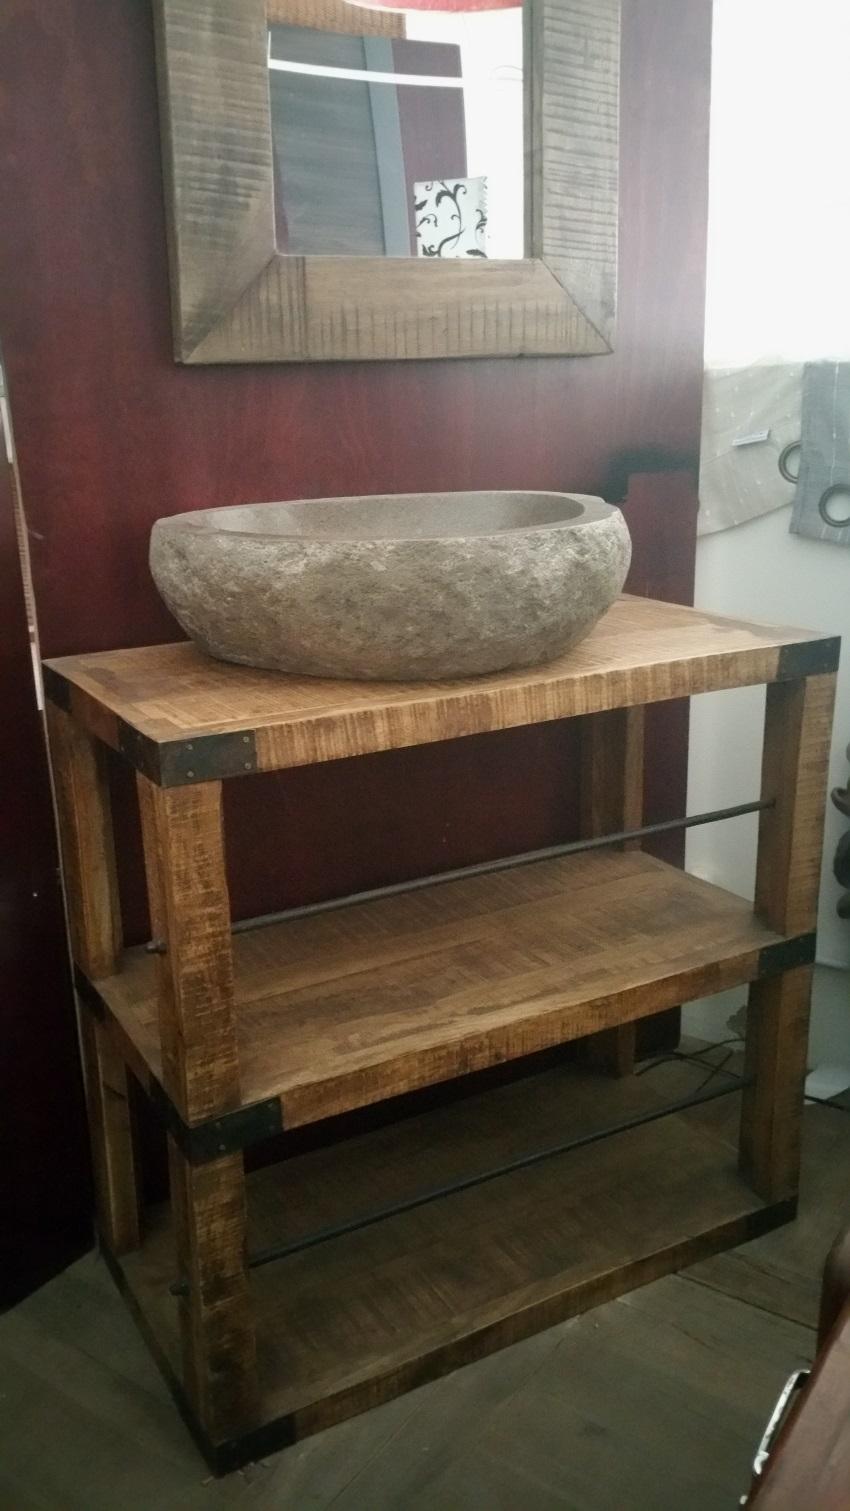 Mobile bagno consolle con ripiano tutto legno massello - Legno per bagno ...